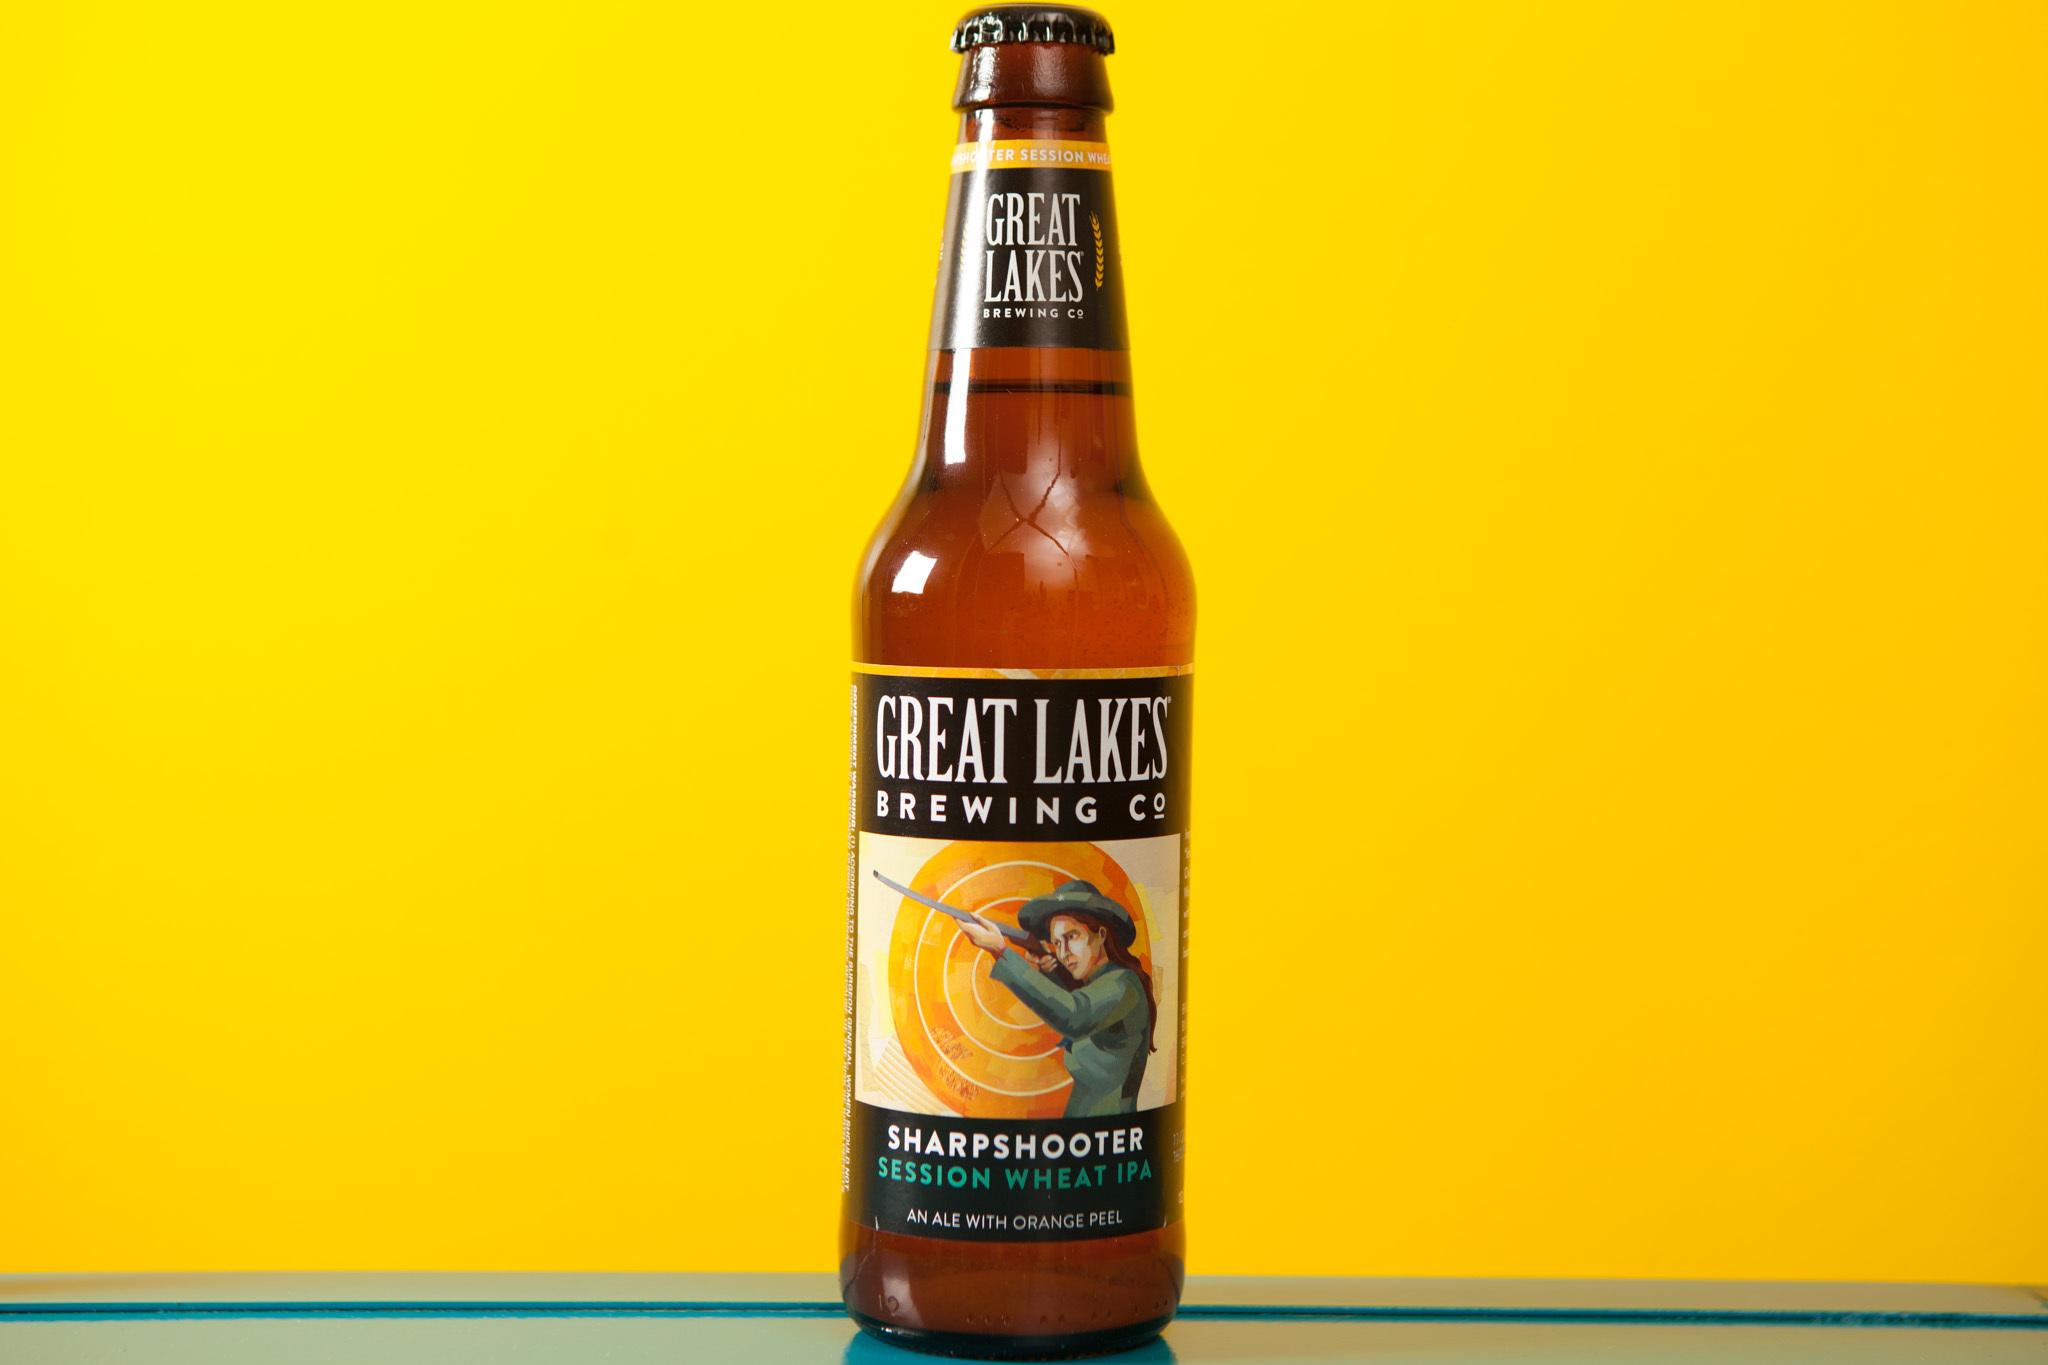 Great Lakes Sharpshooter